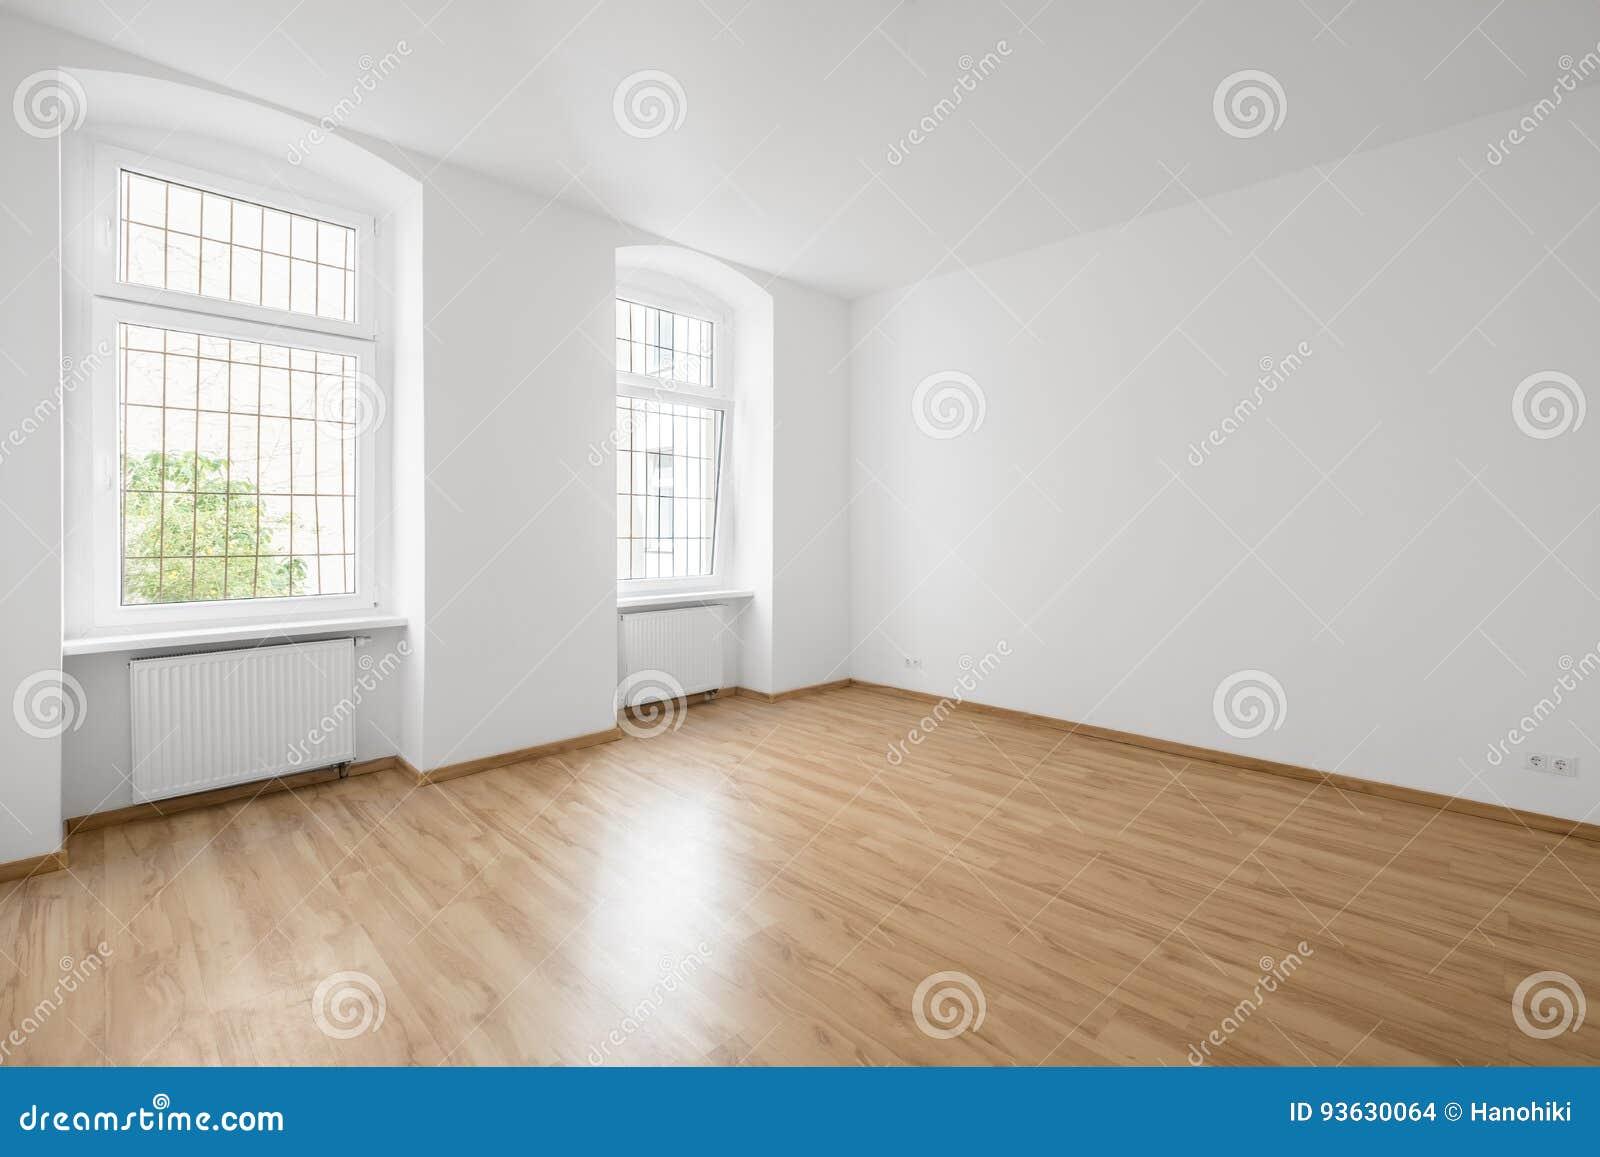 Пустая комната, деревянный пол в новой квартире